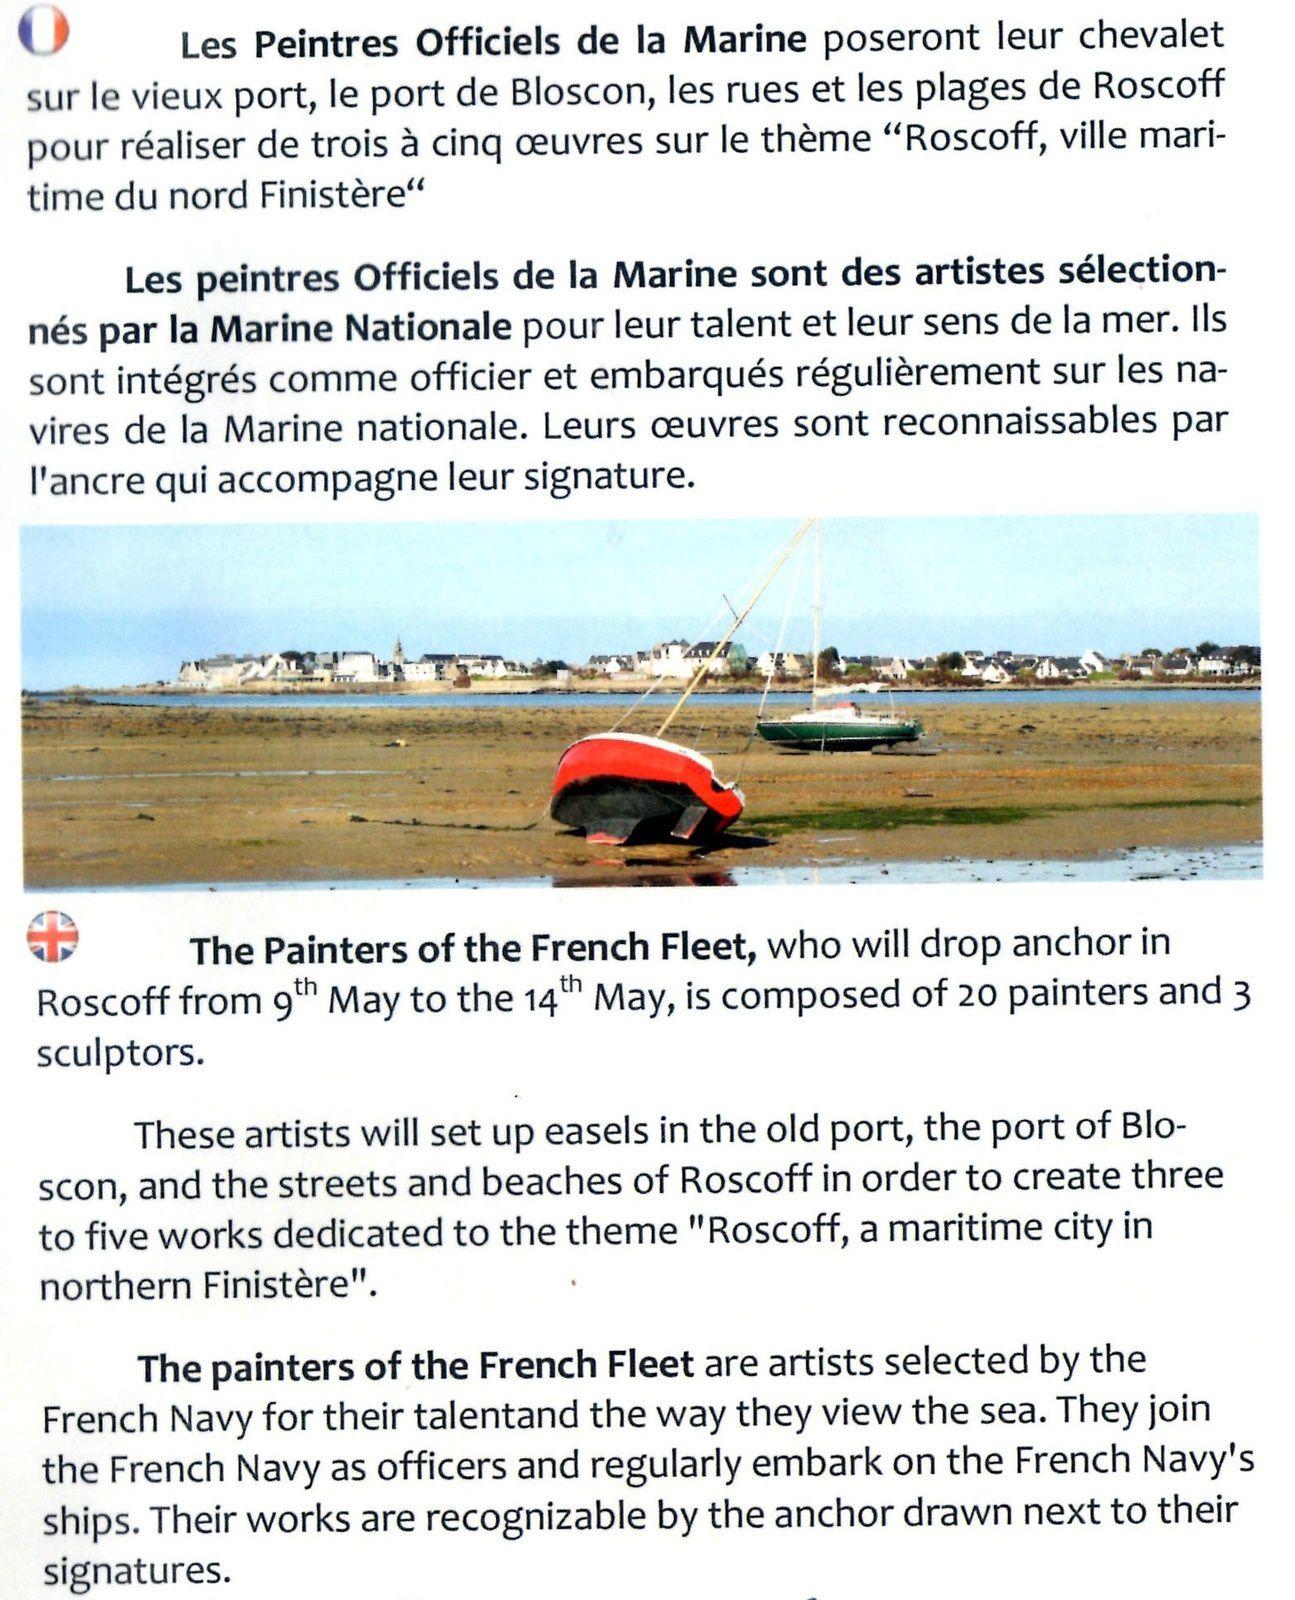 Du 9 au 14 mai : L'Escale des Peintres Officiels de la Marine